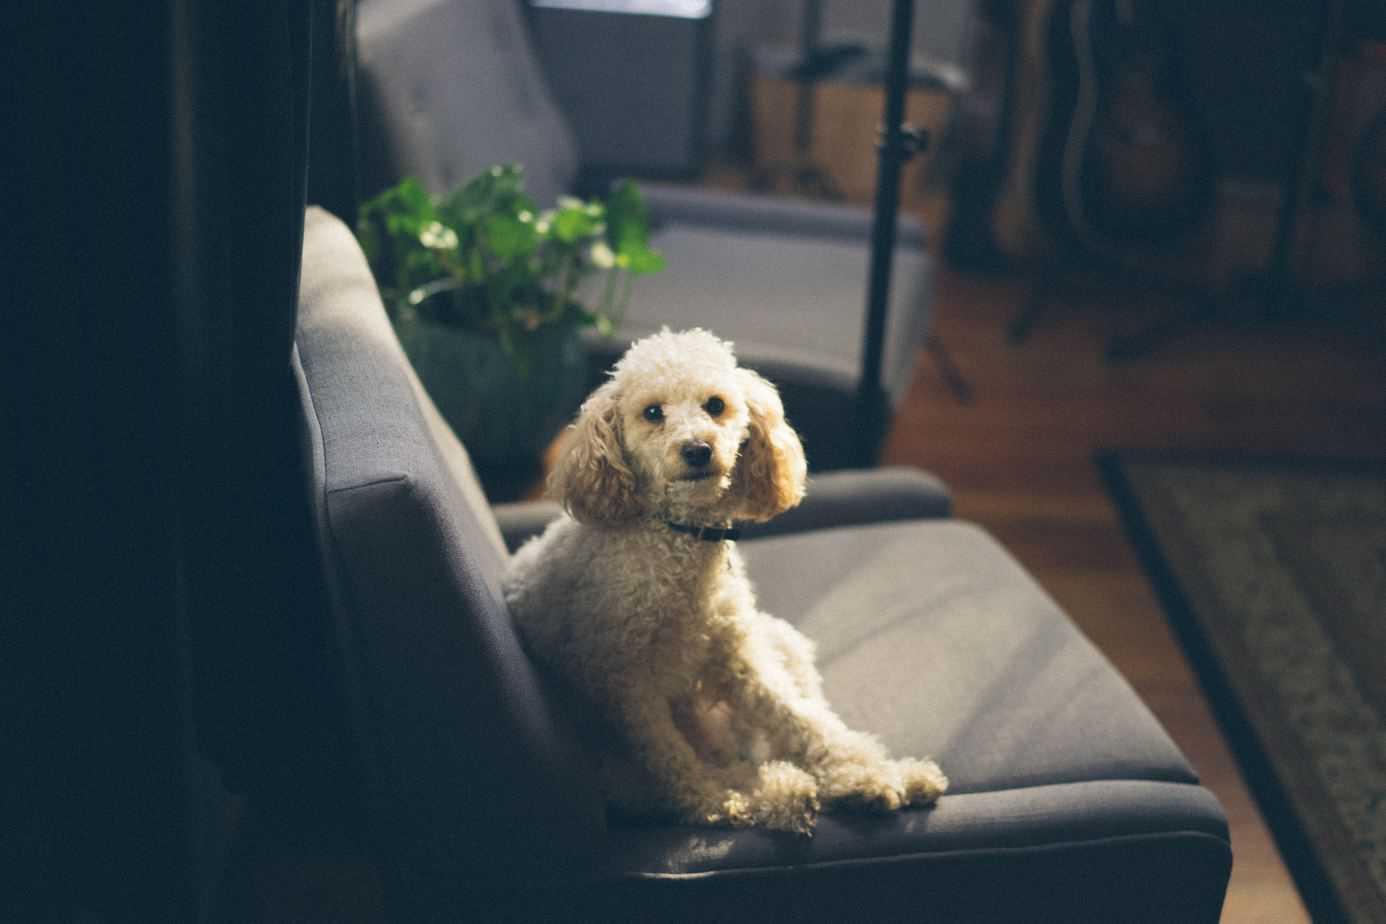 5 Ideas for pet-friendly décor